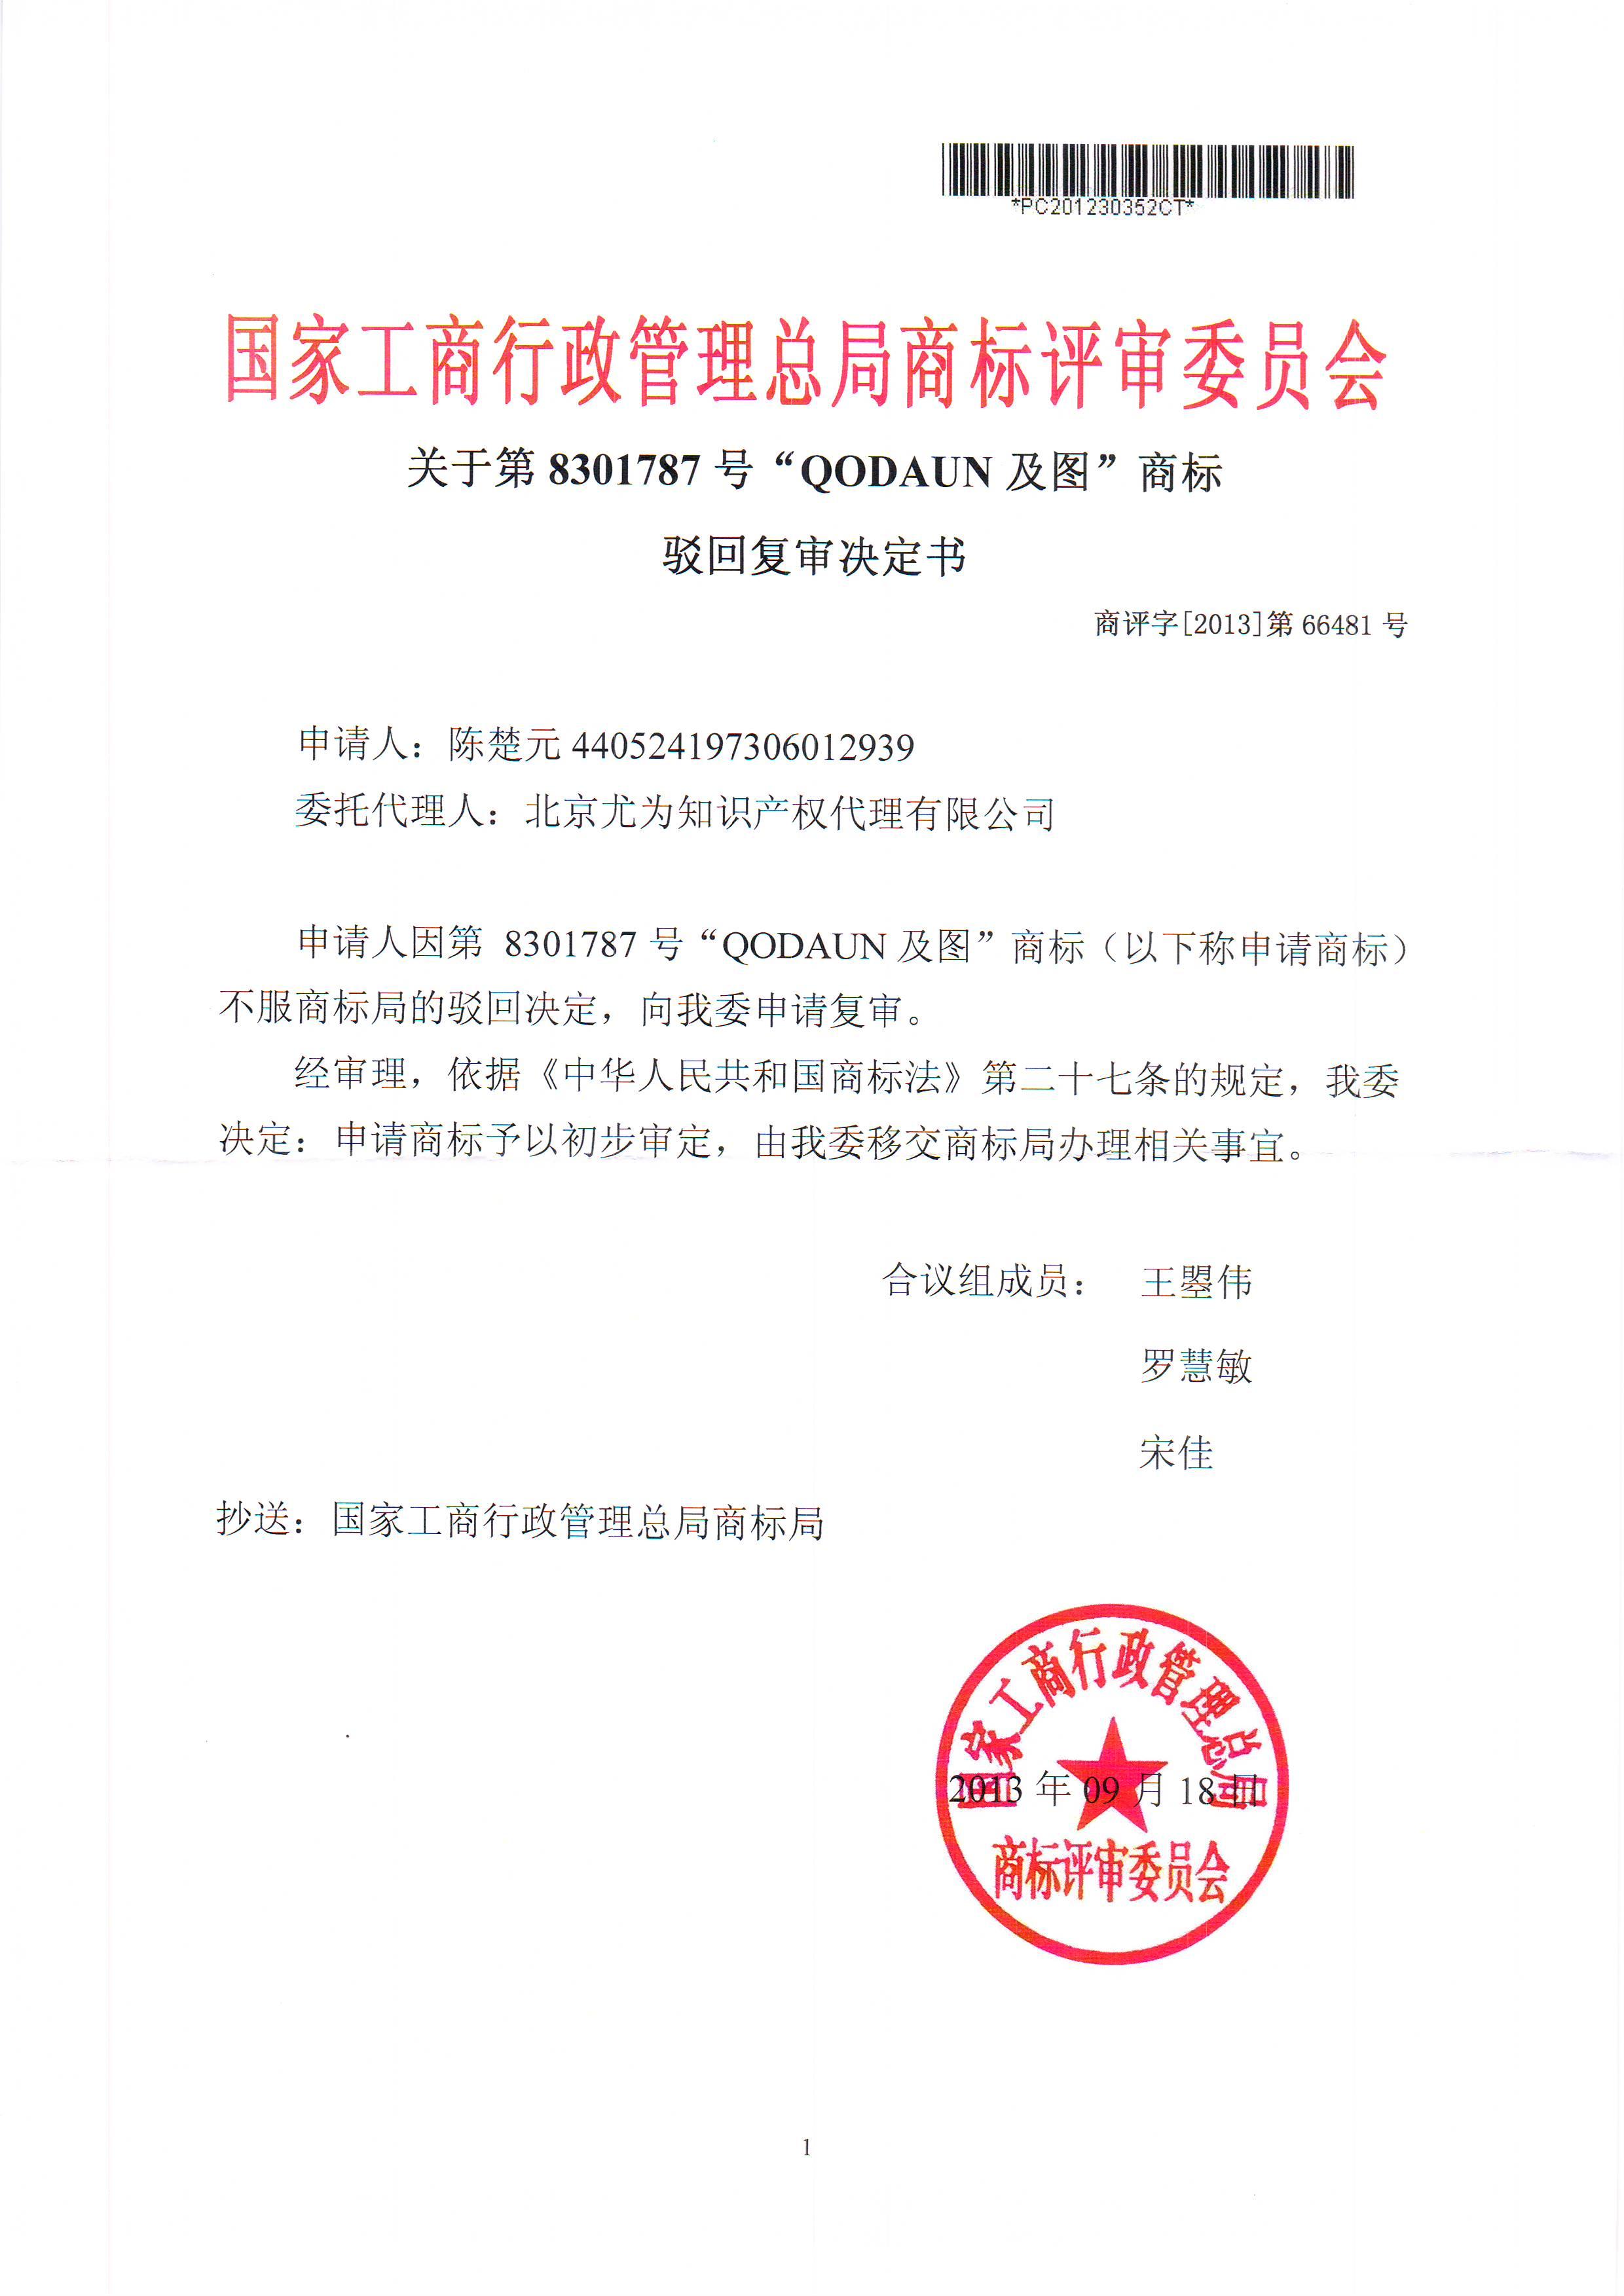 """陈楚元对第8301787号""""QODAUN及图""""商标驳回成功!"""